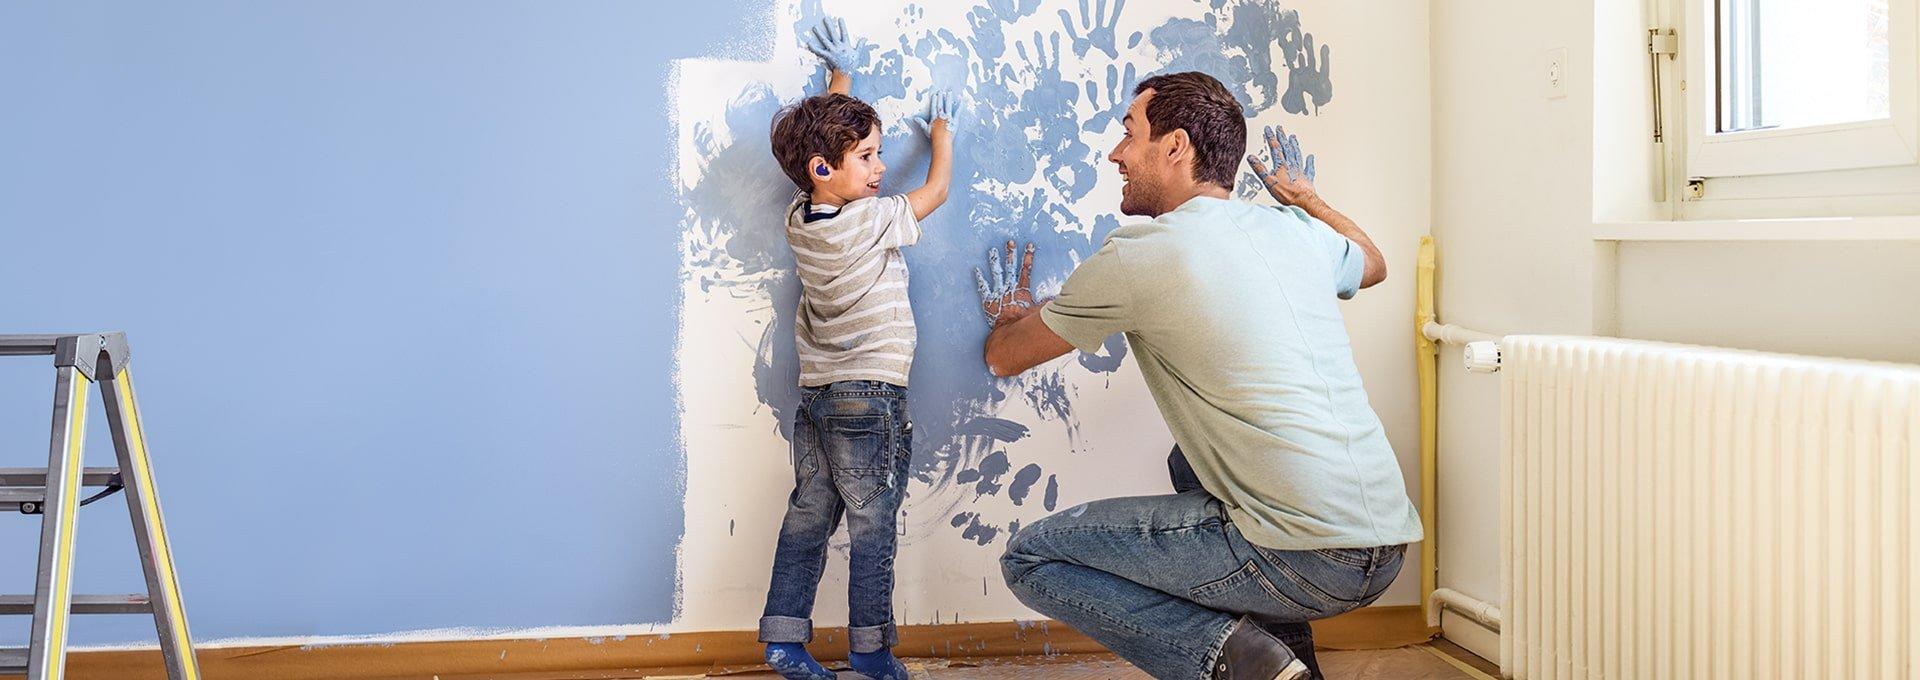 Ojciec oraz jego syn z aparatami Leox Super Power Ultra Power świetnie się bawią przy malowaniu ściany.